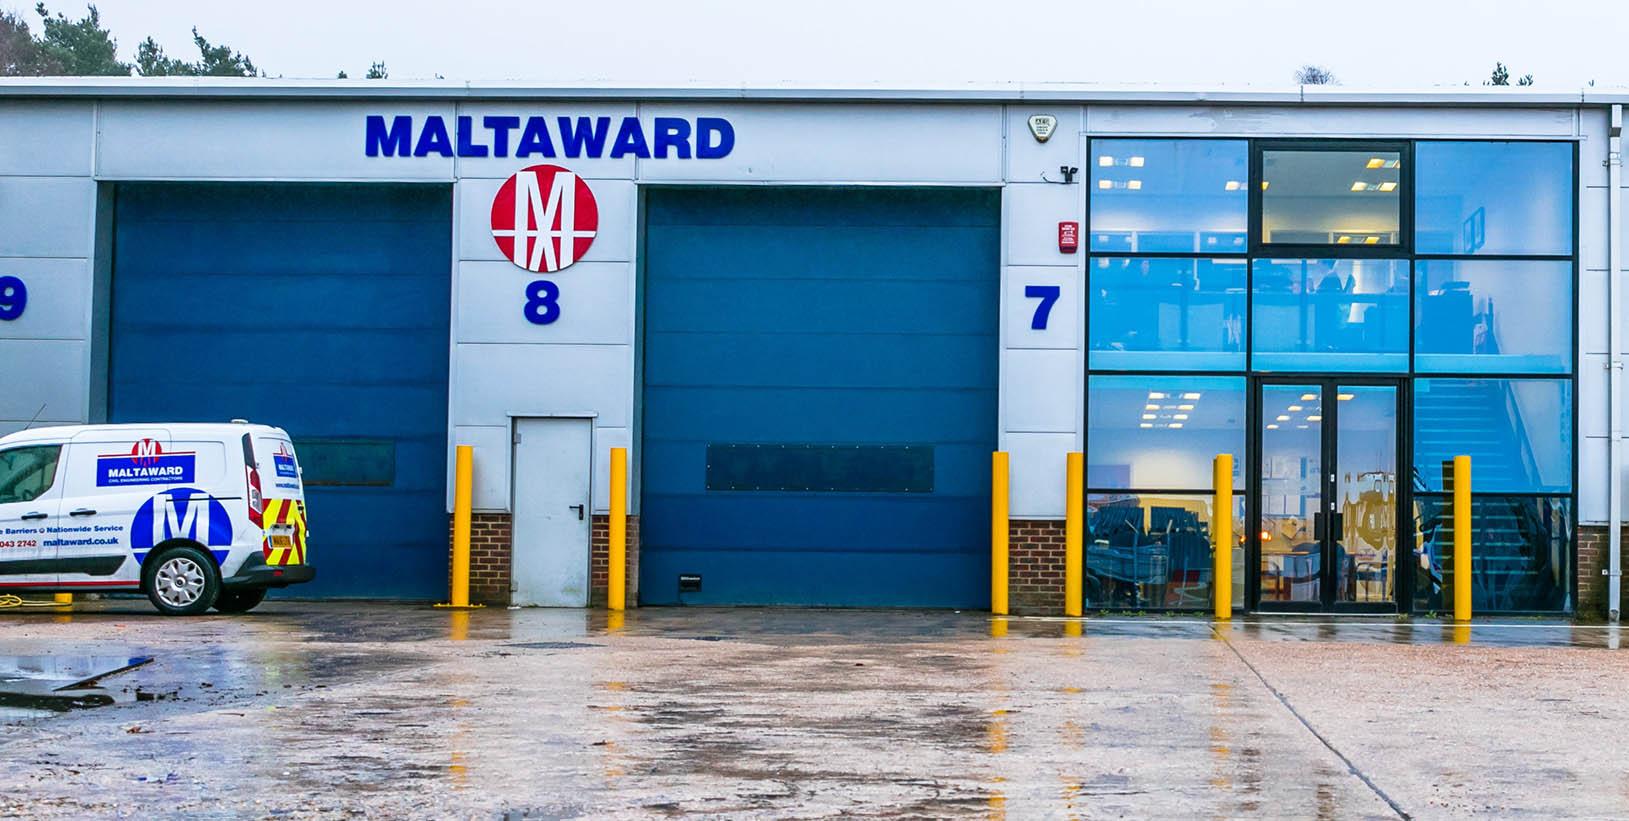 Maltaward Offices